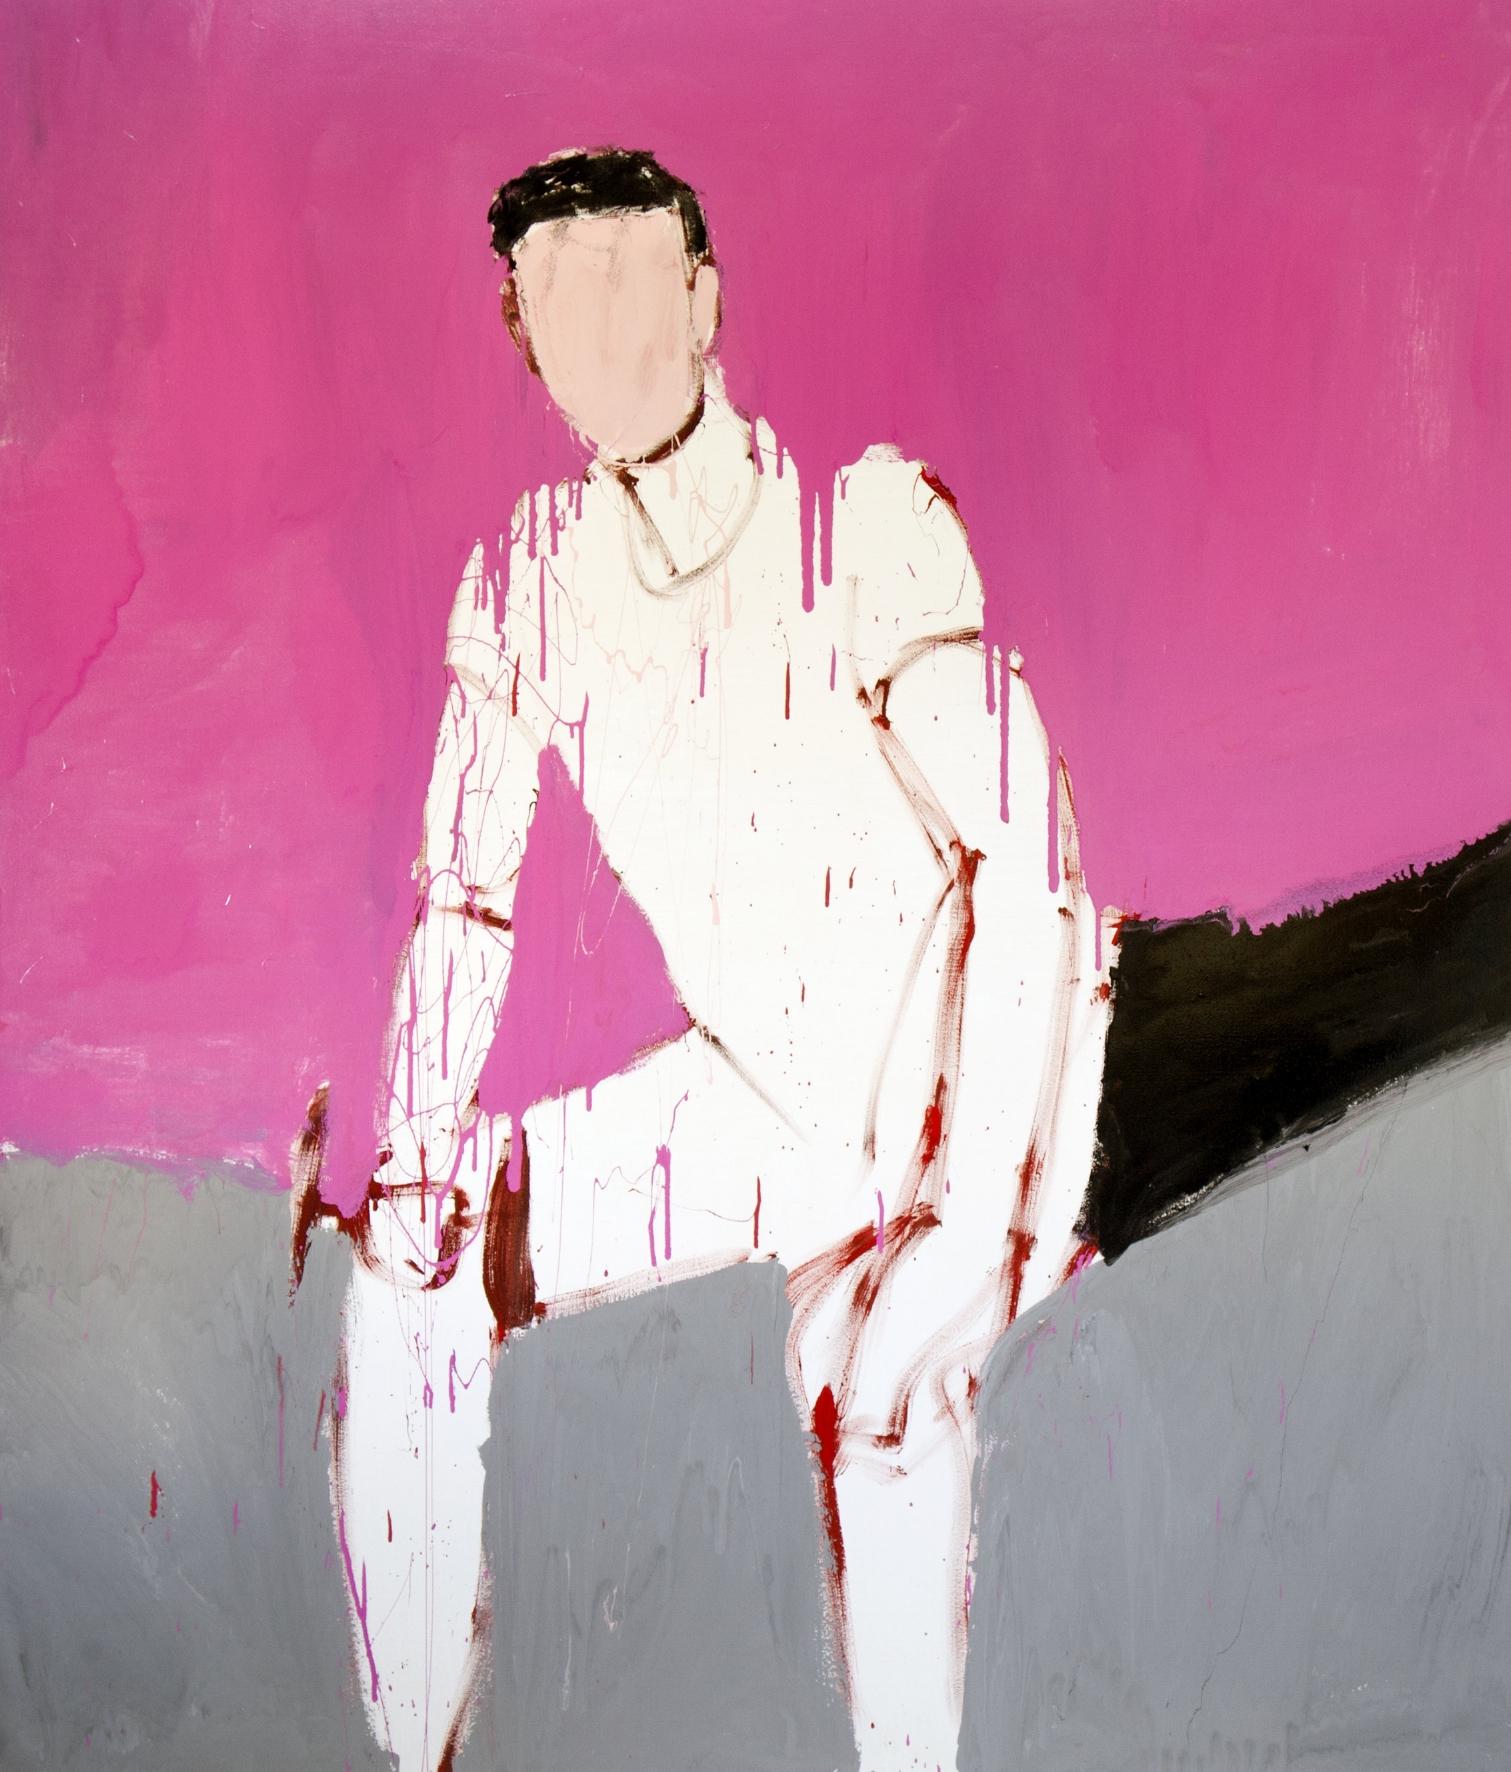 The Trainer, 2017, enamel paint on canvas, 198 x 168 cm